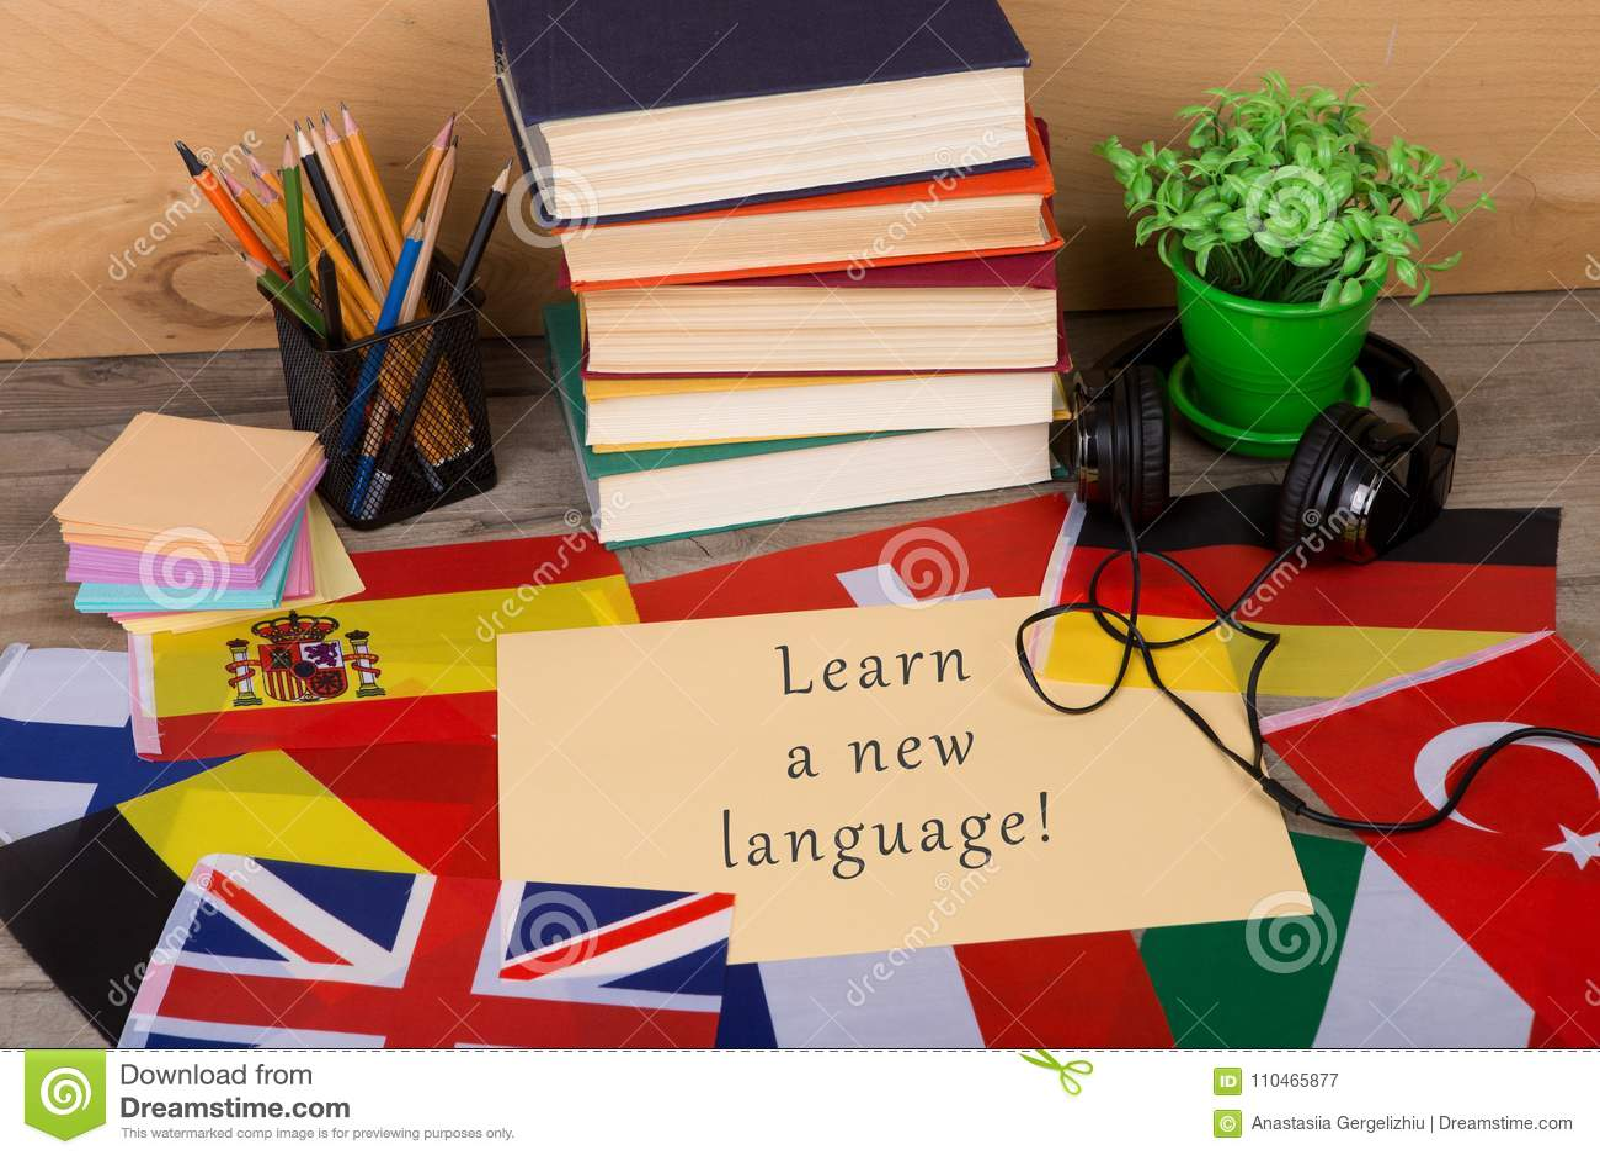 Papel com texto & x22; Aprenda uma língua nova! & x22; , bandeiras, livros, fones de ouvido, lápis